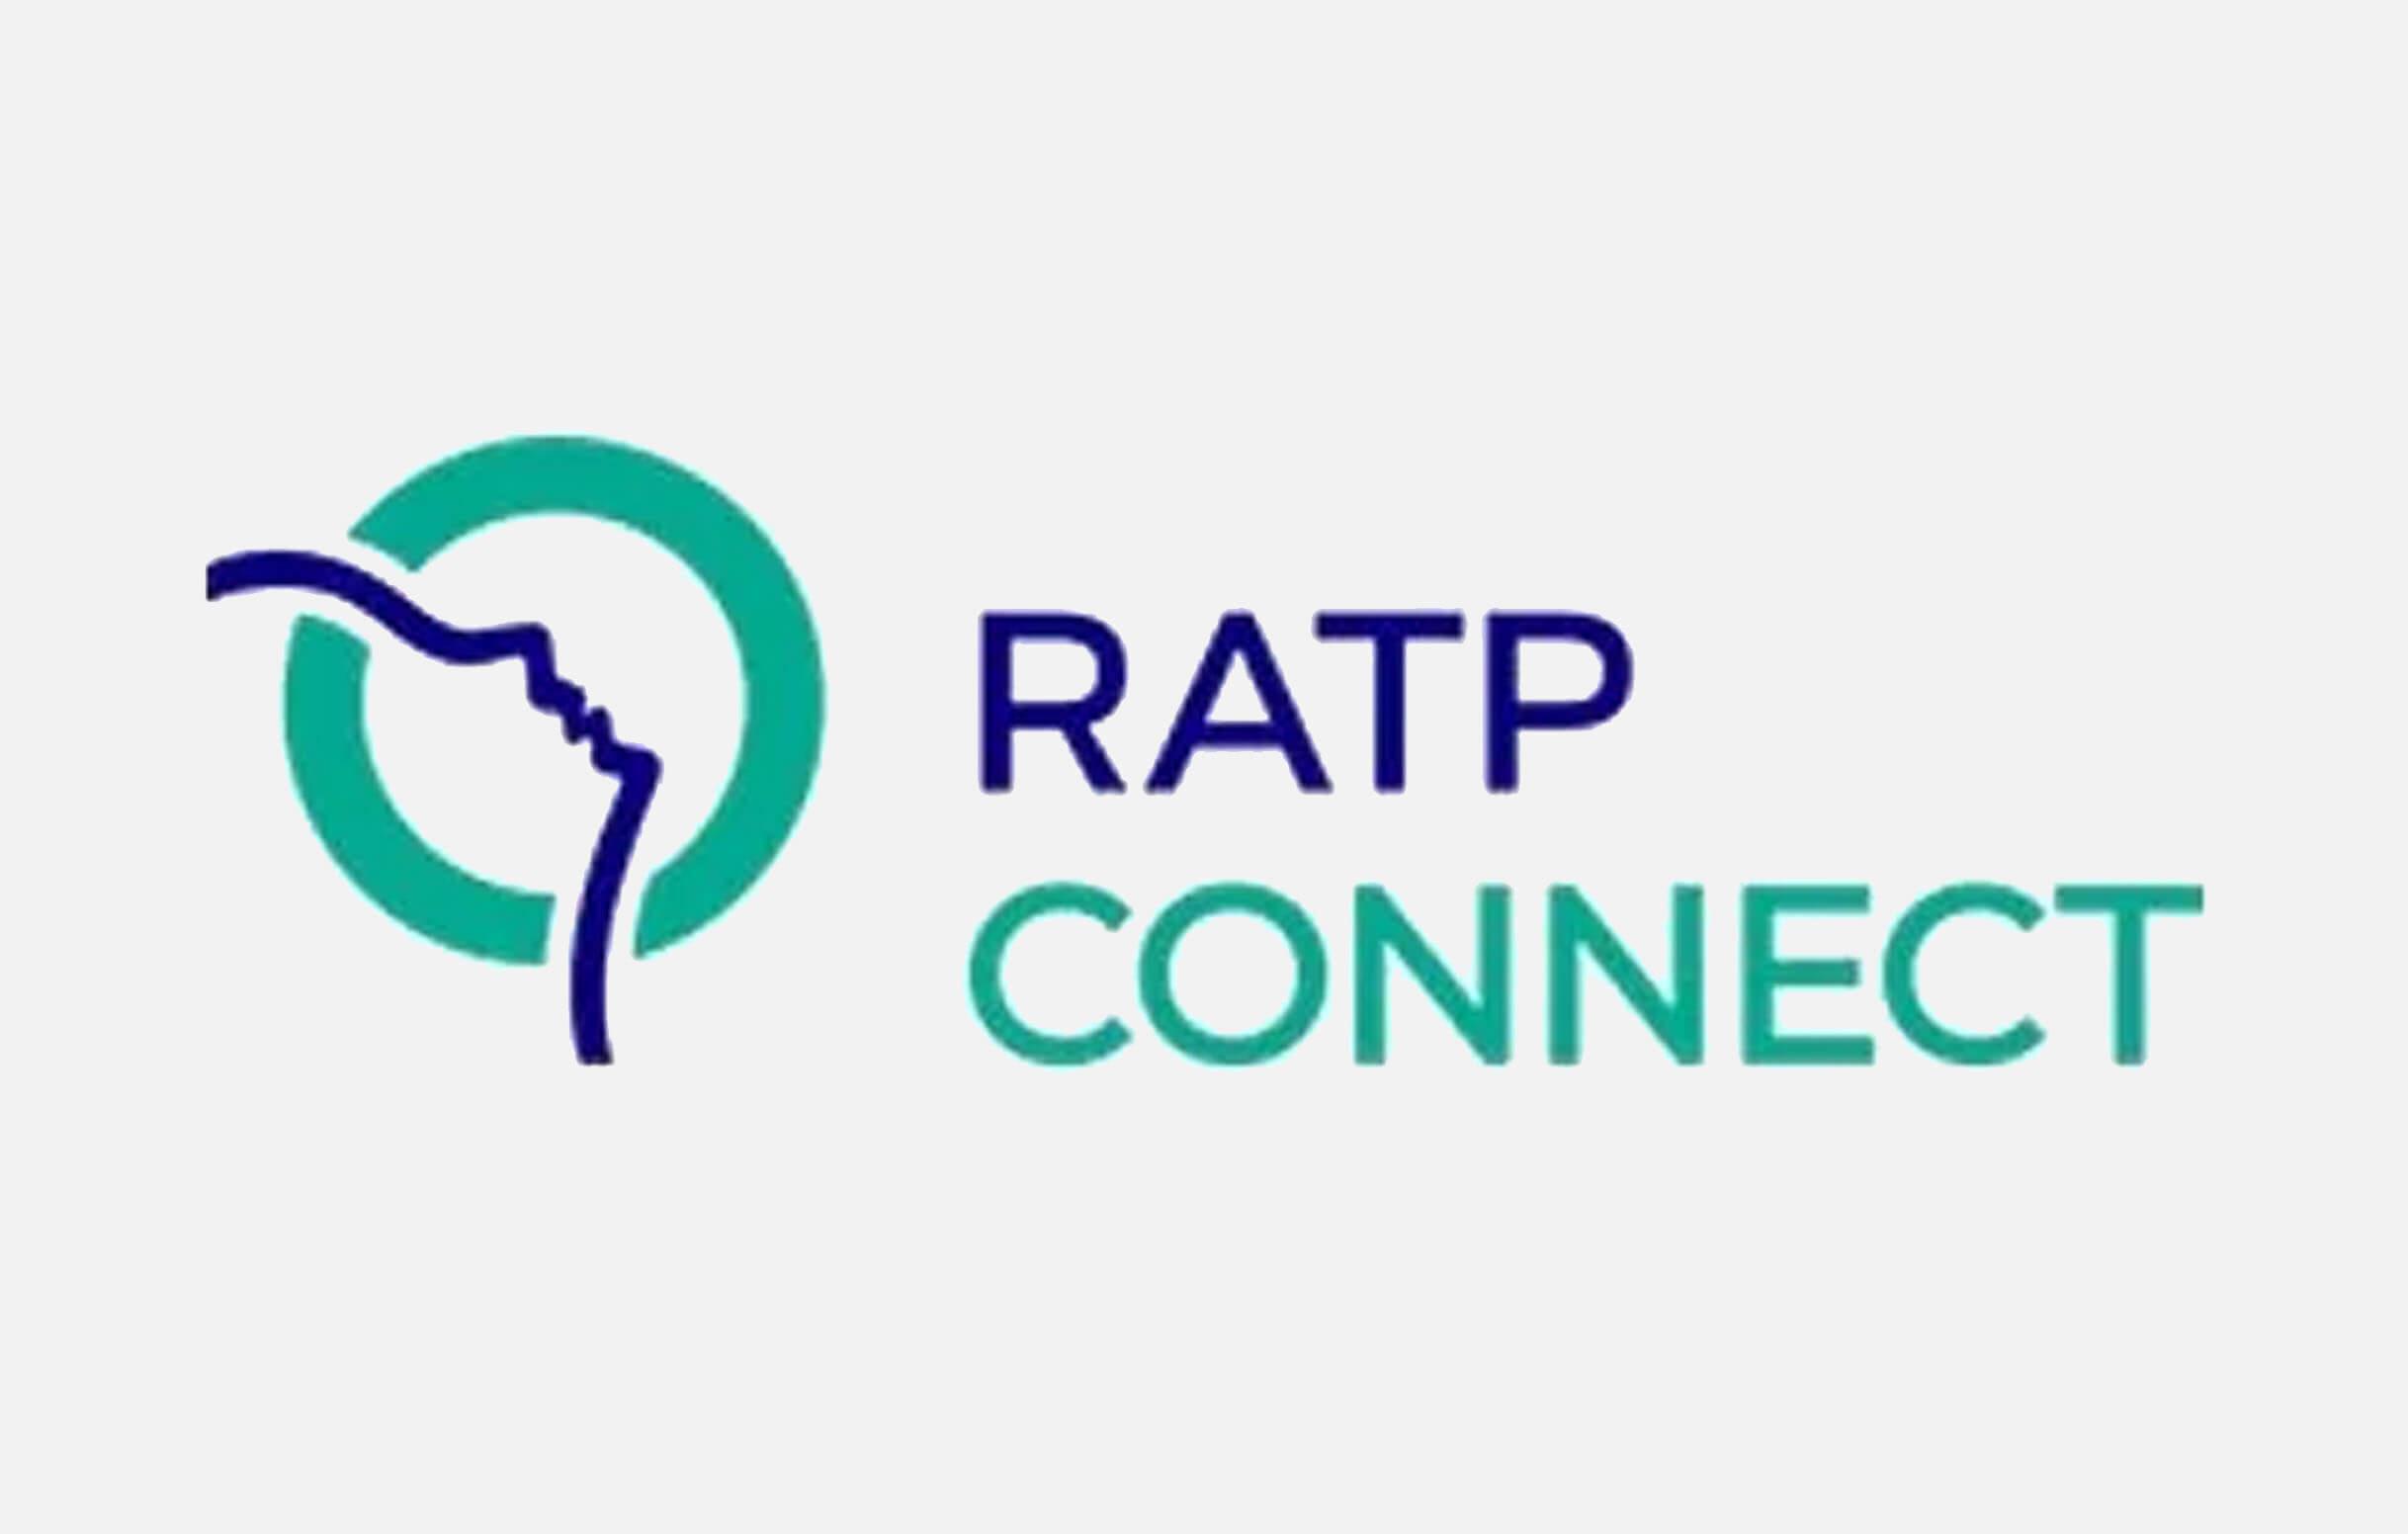 ratp-connect